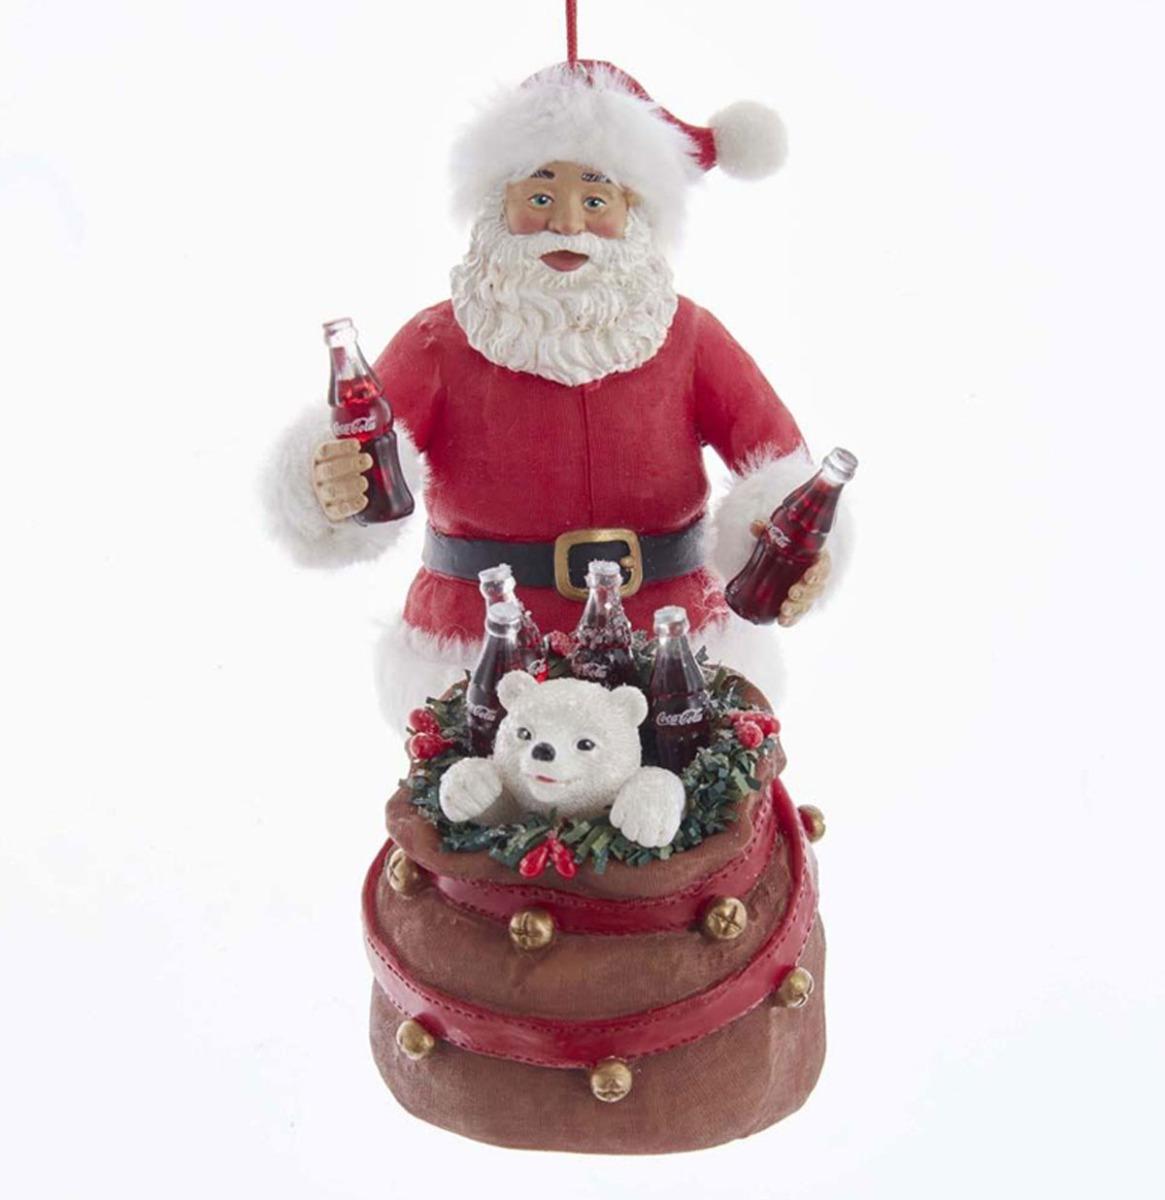 Coca-Cola Kurt S. Adler 14,6 cm Kerstman Met Ijsbeer In Zak Kersthanger